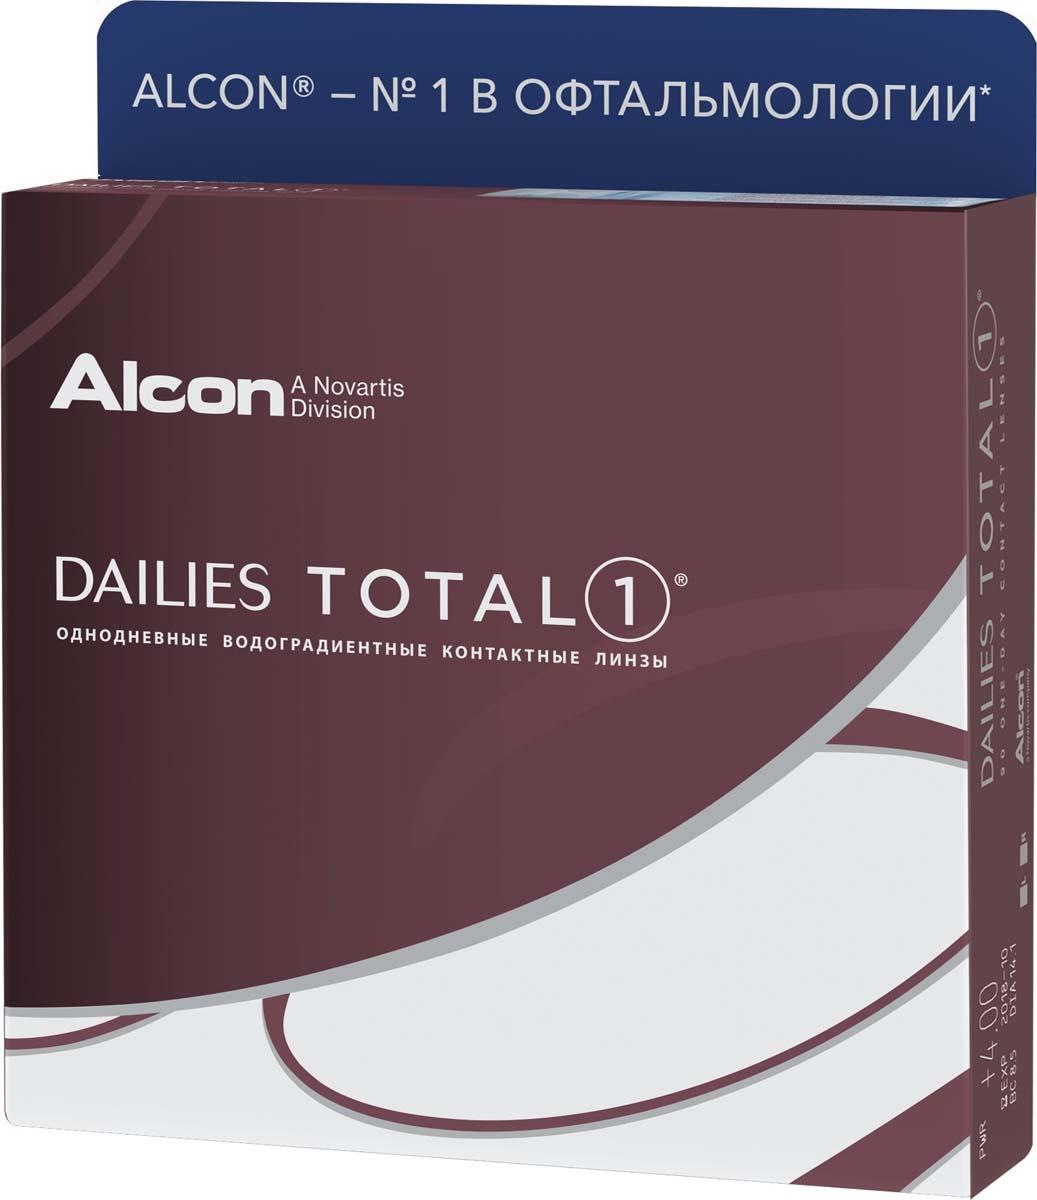 Аlcon Контактные линзы Dailies Total 90 шт /-6.50 /8.5 /14.1